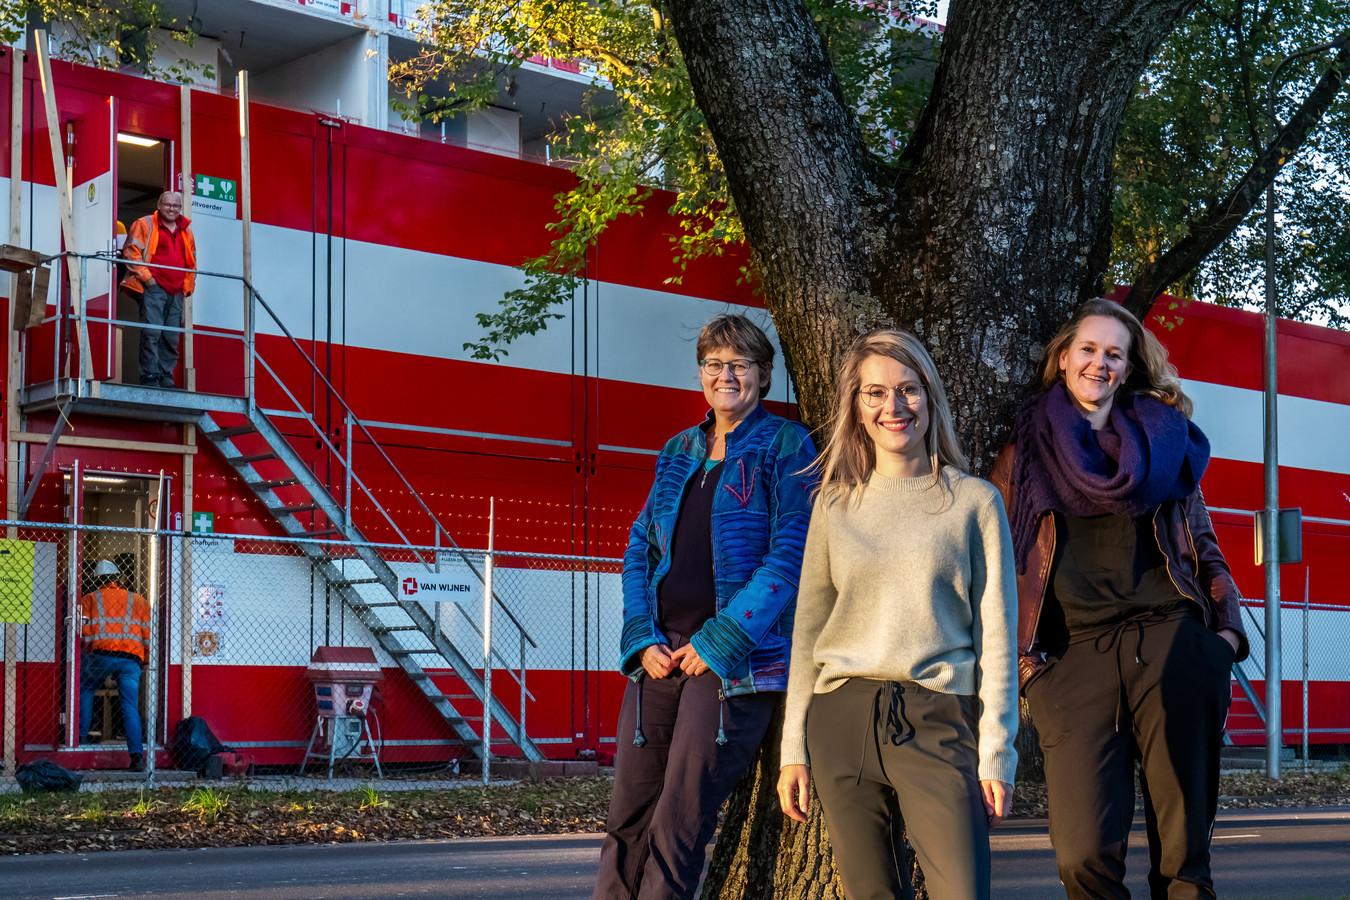 De fractievoorzitters van GroenLinks, D66 en ChristenUnie: Heleen de Boer, Jony Ferket en Rachel Streefland (van links naar rechts).